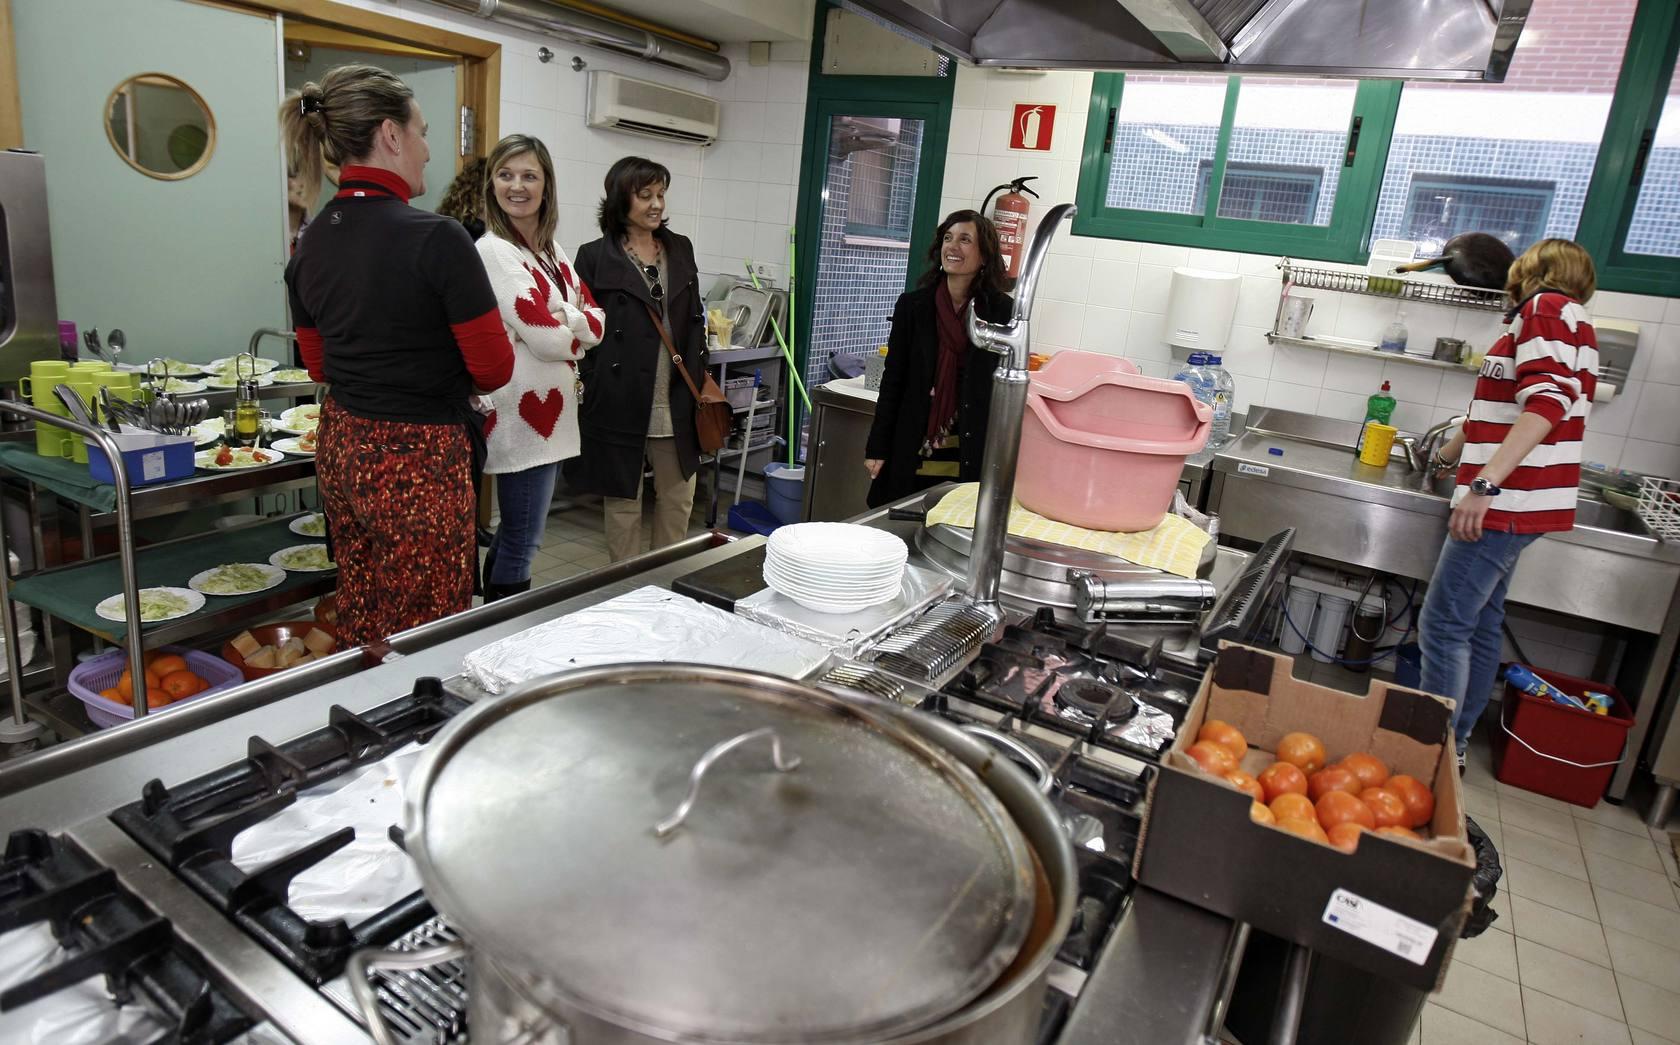 La directora general del Menor visita el centro de acogida de menores extranjeros Lucentum y el centro de acogida Els Estels